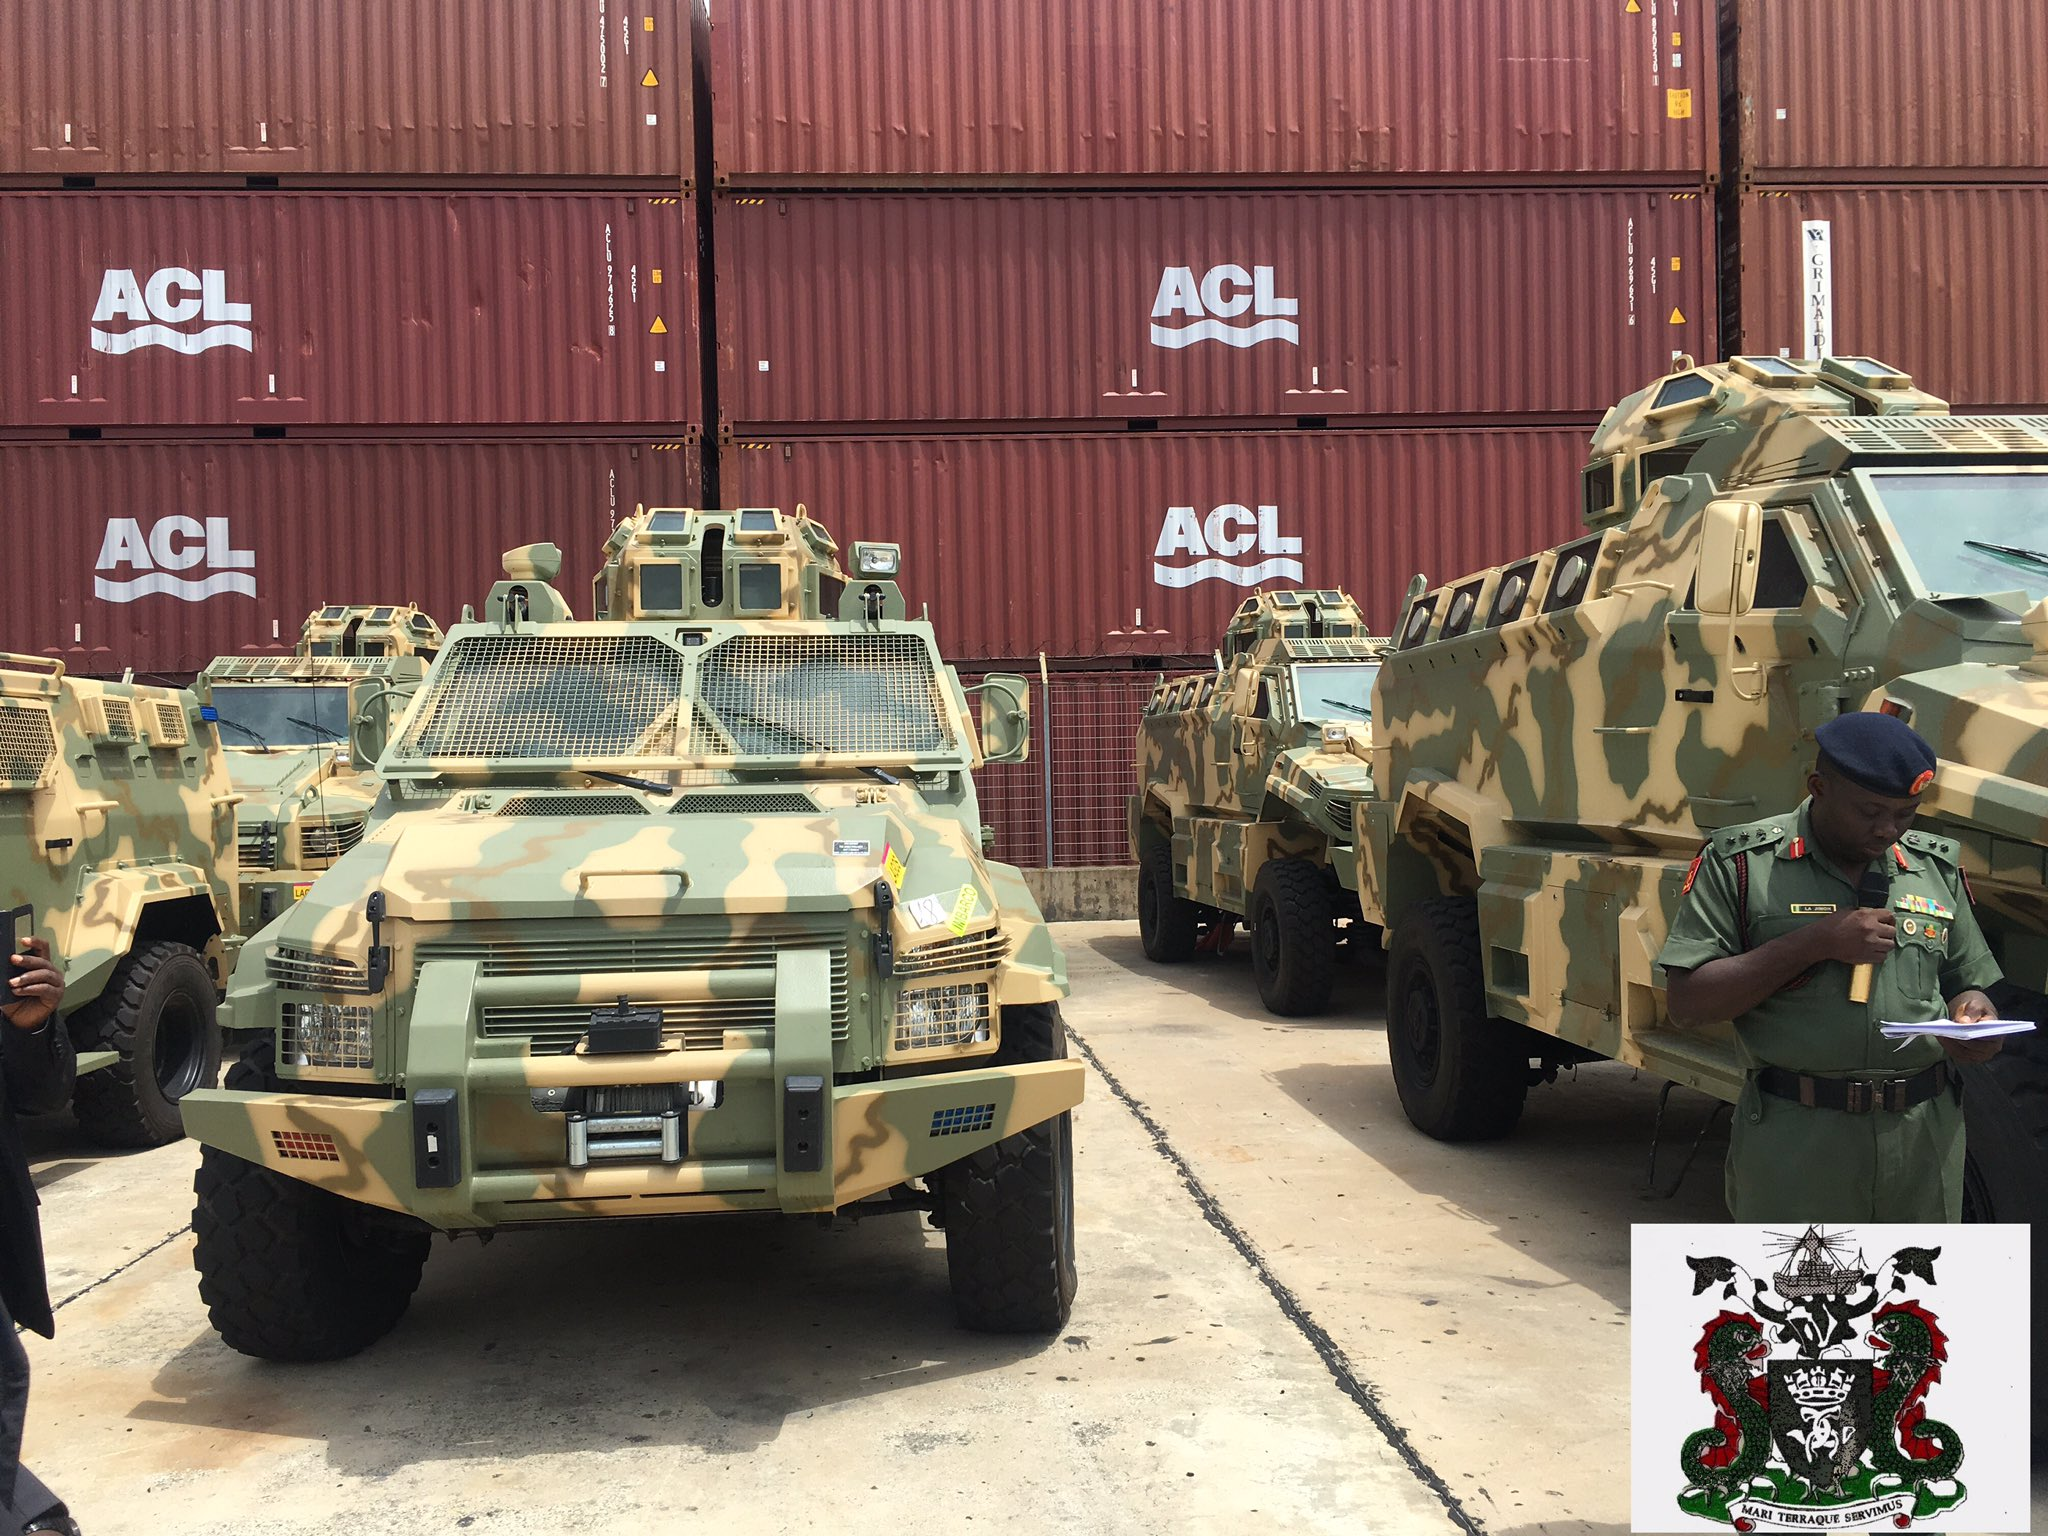 Прибывшие в Нигерию бронированные машины Typhoon и Spartan производства канадско-эмиратской группы Streit Group. Лагос,02.06.2017.